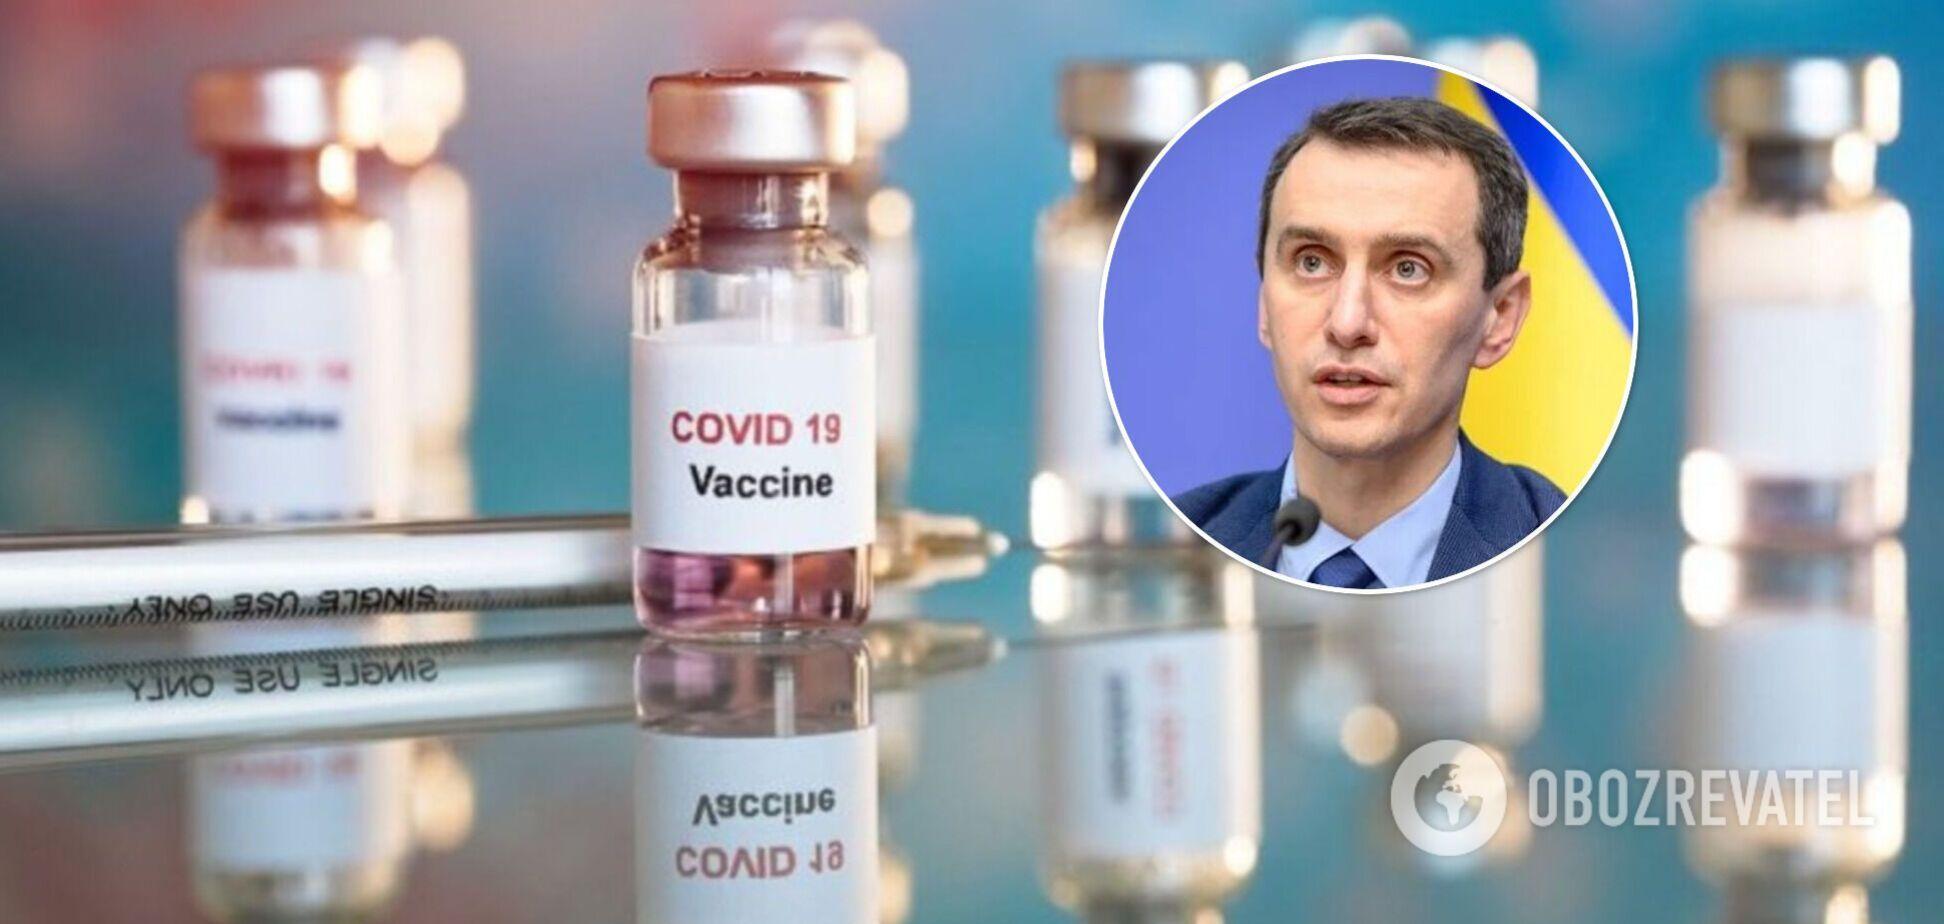 Ляшко сильно піарить вакцину: чекаю його щеплення в прямому ефірі